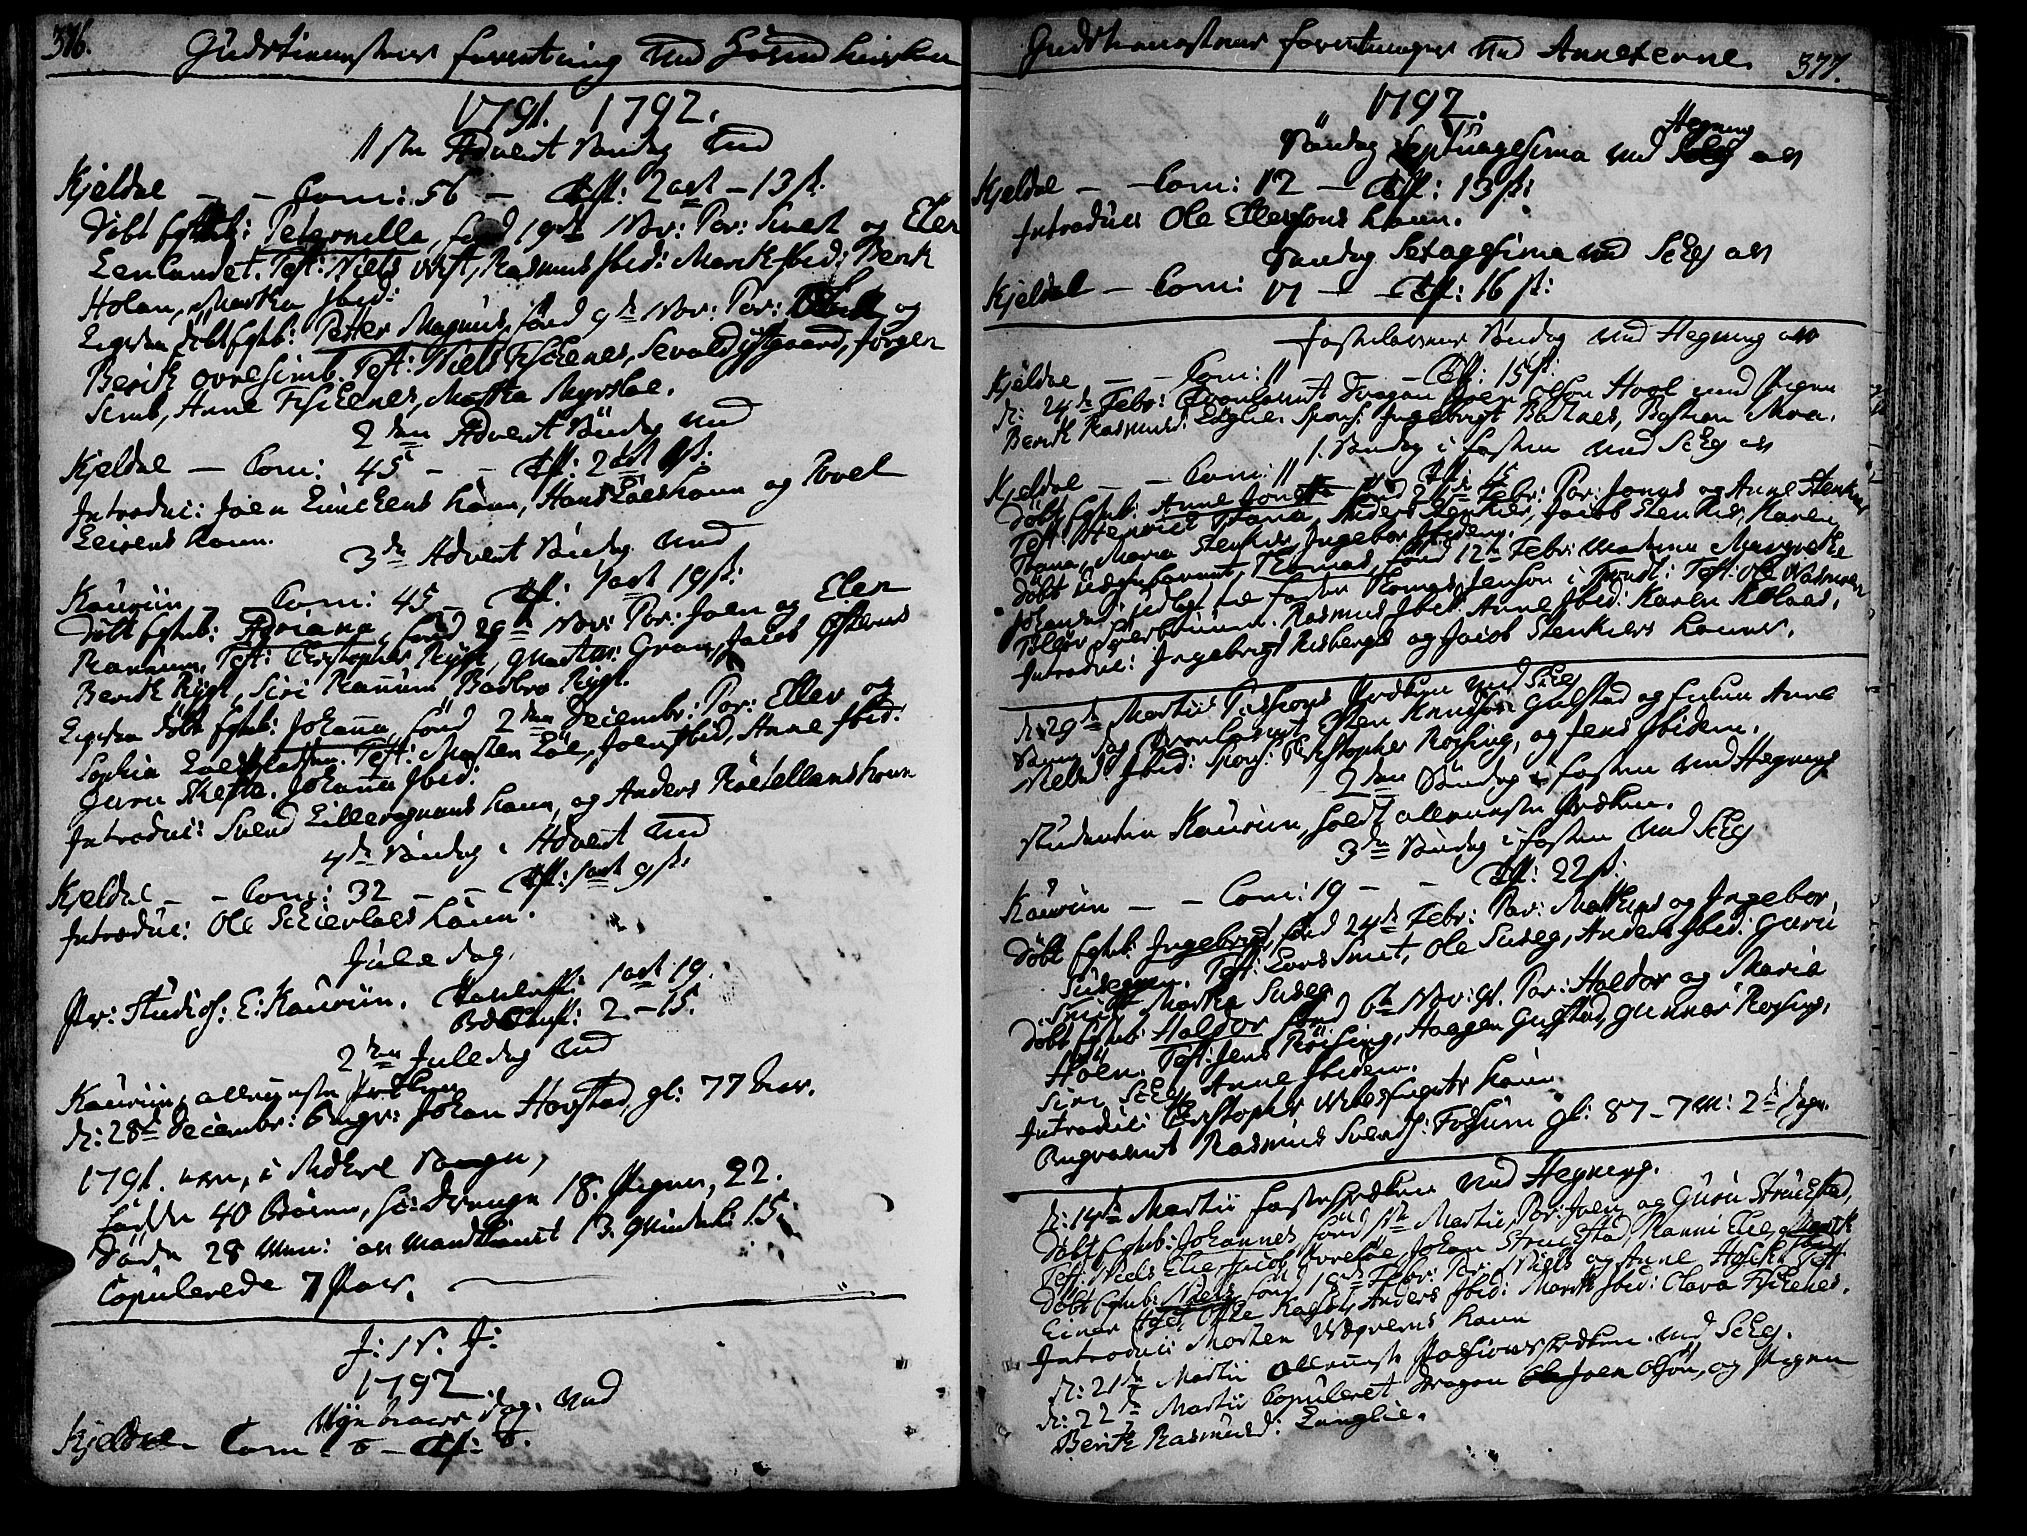 SAT, Ministerialprotokoller, klokkerbøker og fødselsregistre - Nord-Trøndelag, 735/L0331: Ministerialbok nr. 735A02, 1762-1794, s. 376-377